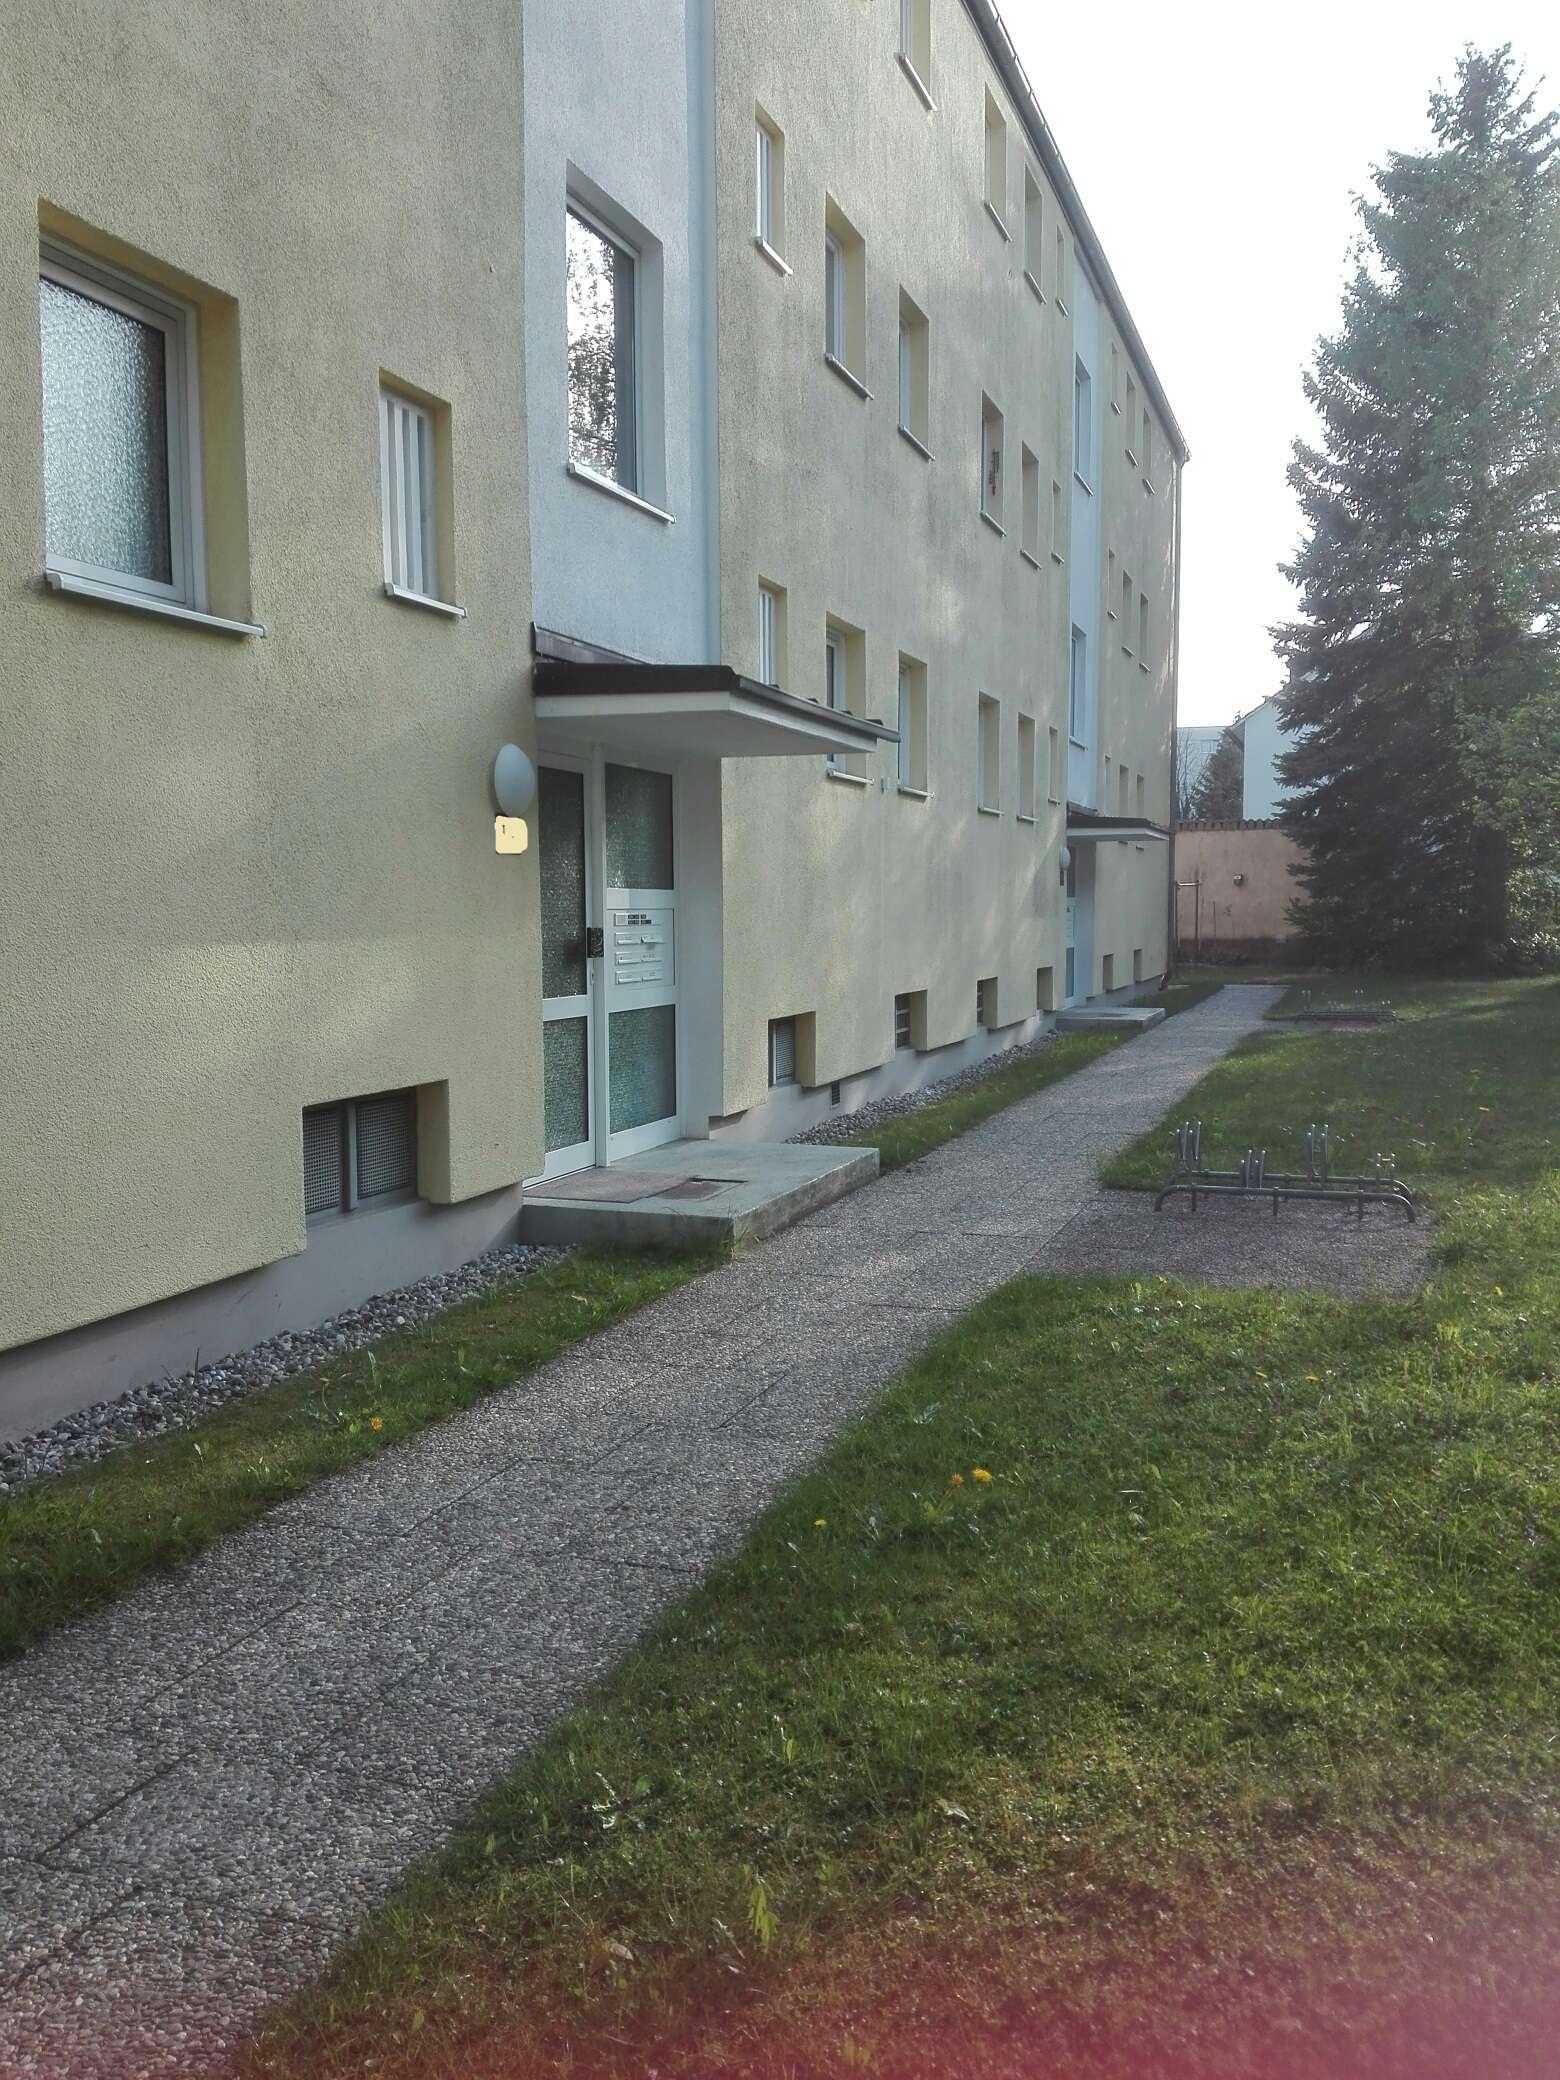 2 Zi.Whg. ruhig, grün u. zentral m. EBK u. Balkon